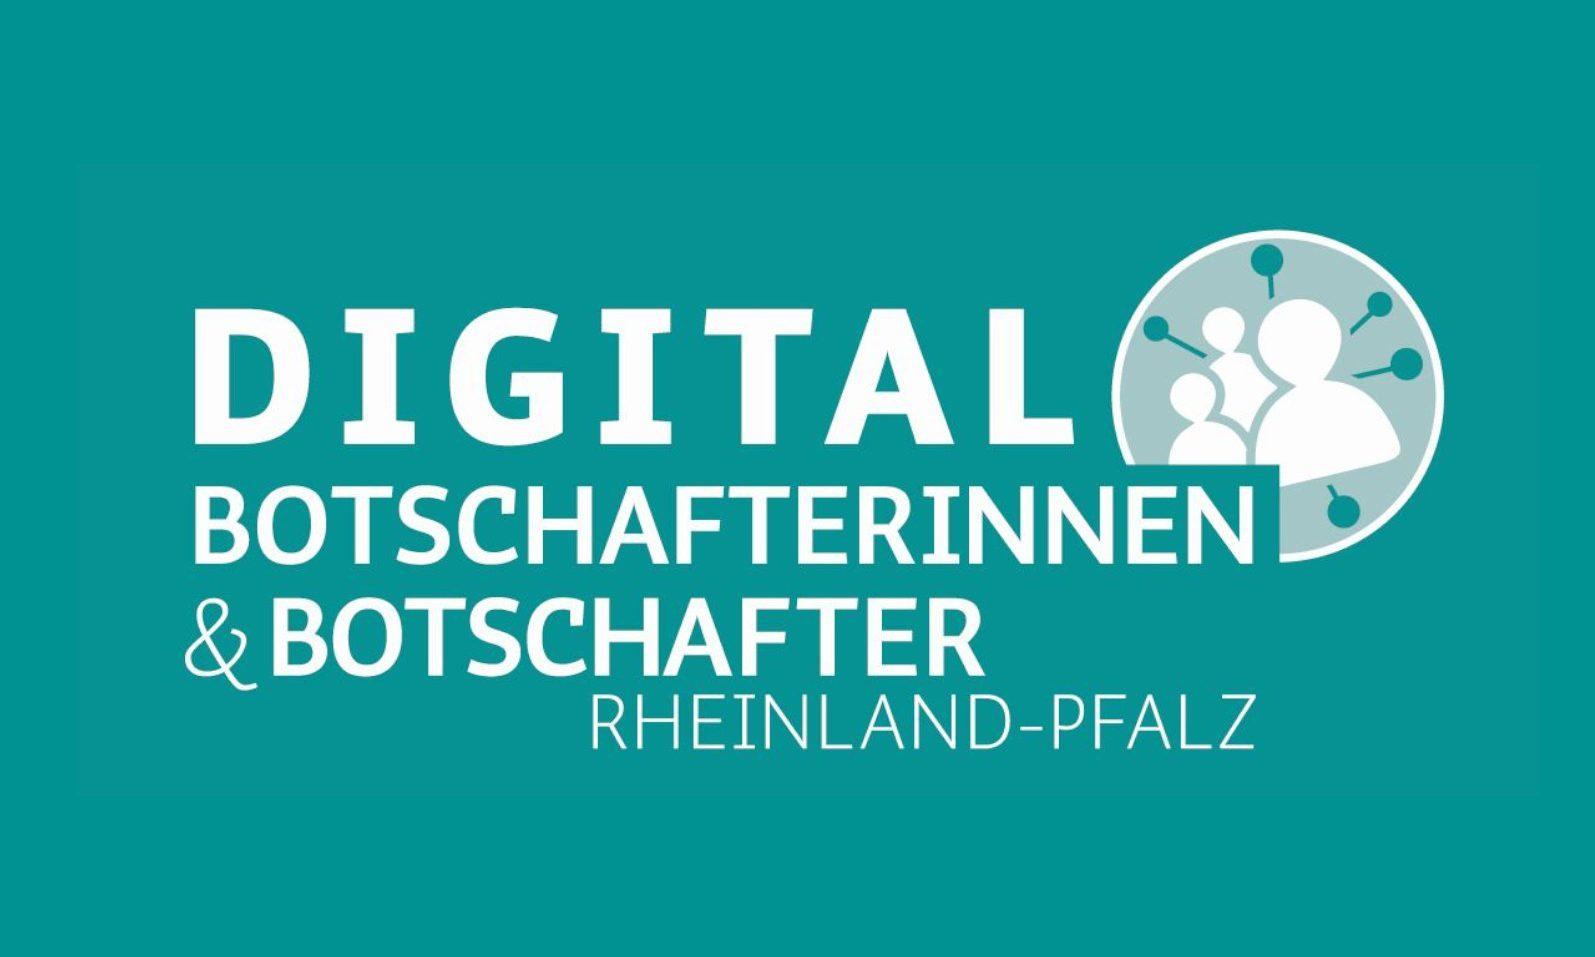 Logo der Digitalbotschafterinnen und Digitalbotschafter in Rheinland-Pfalz